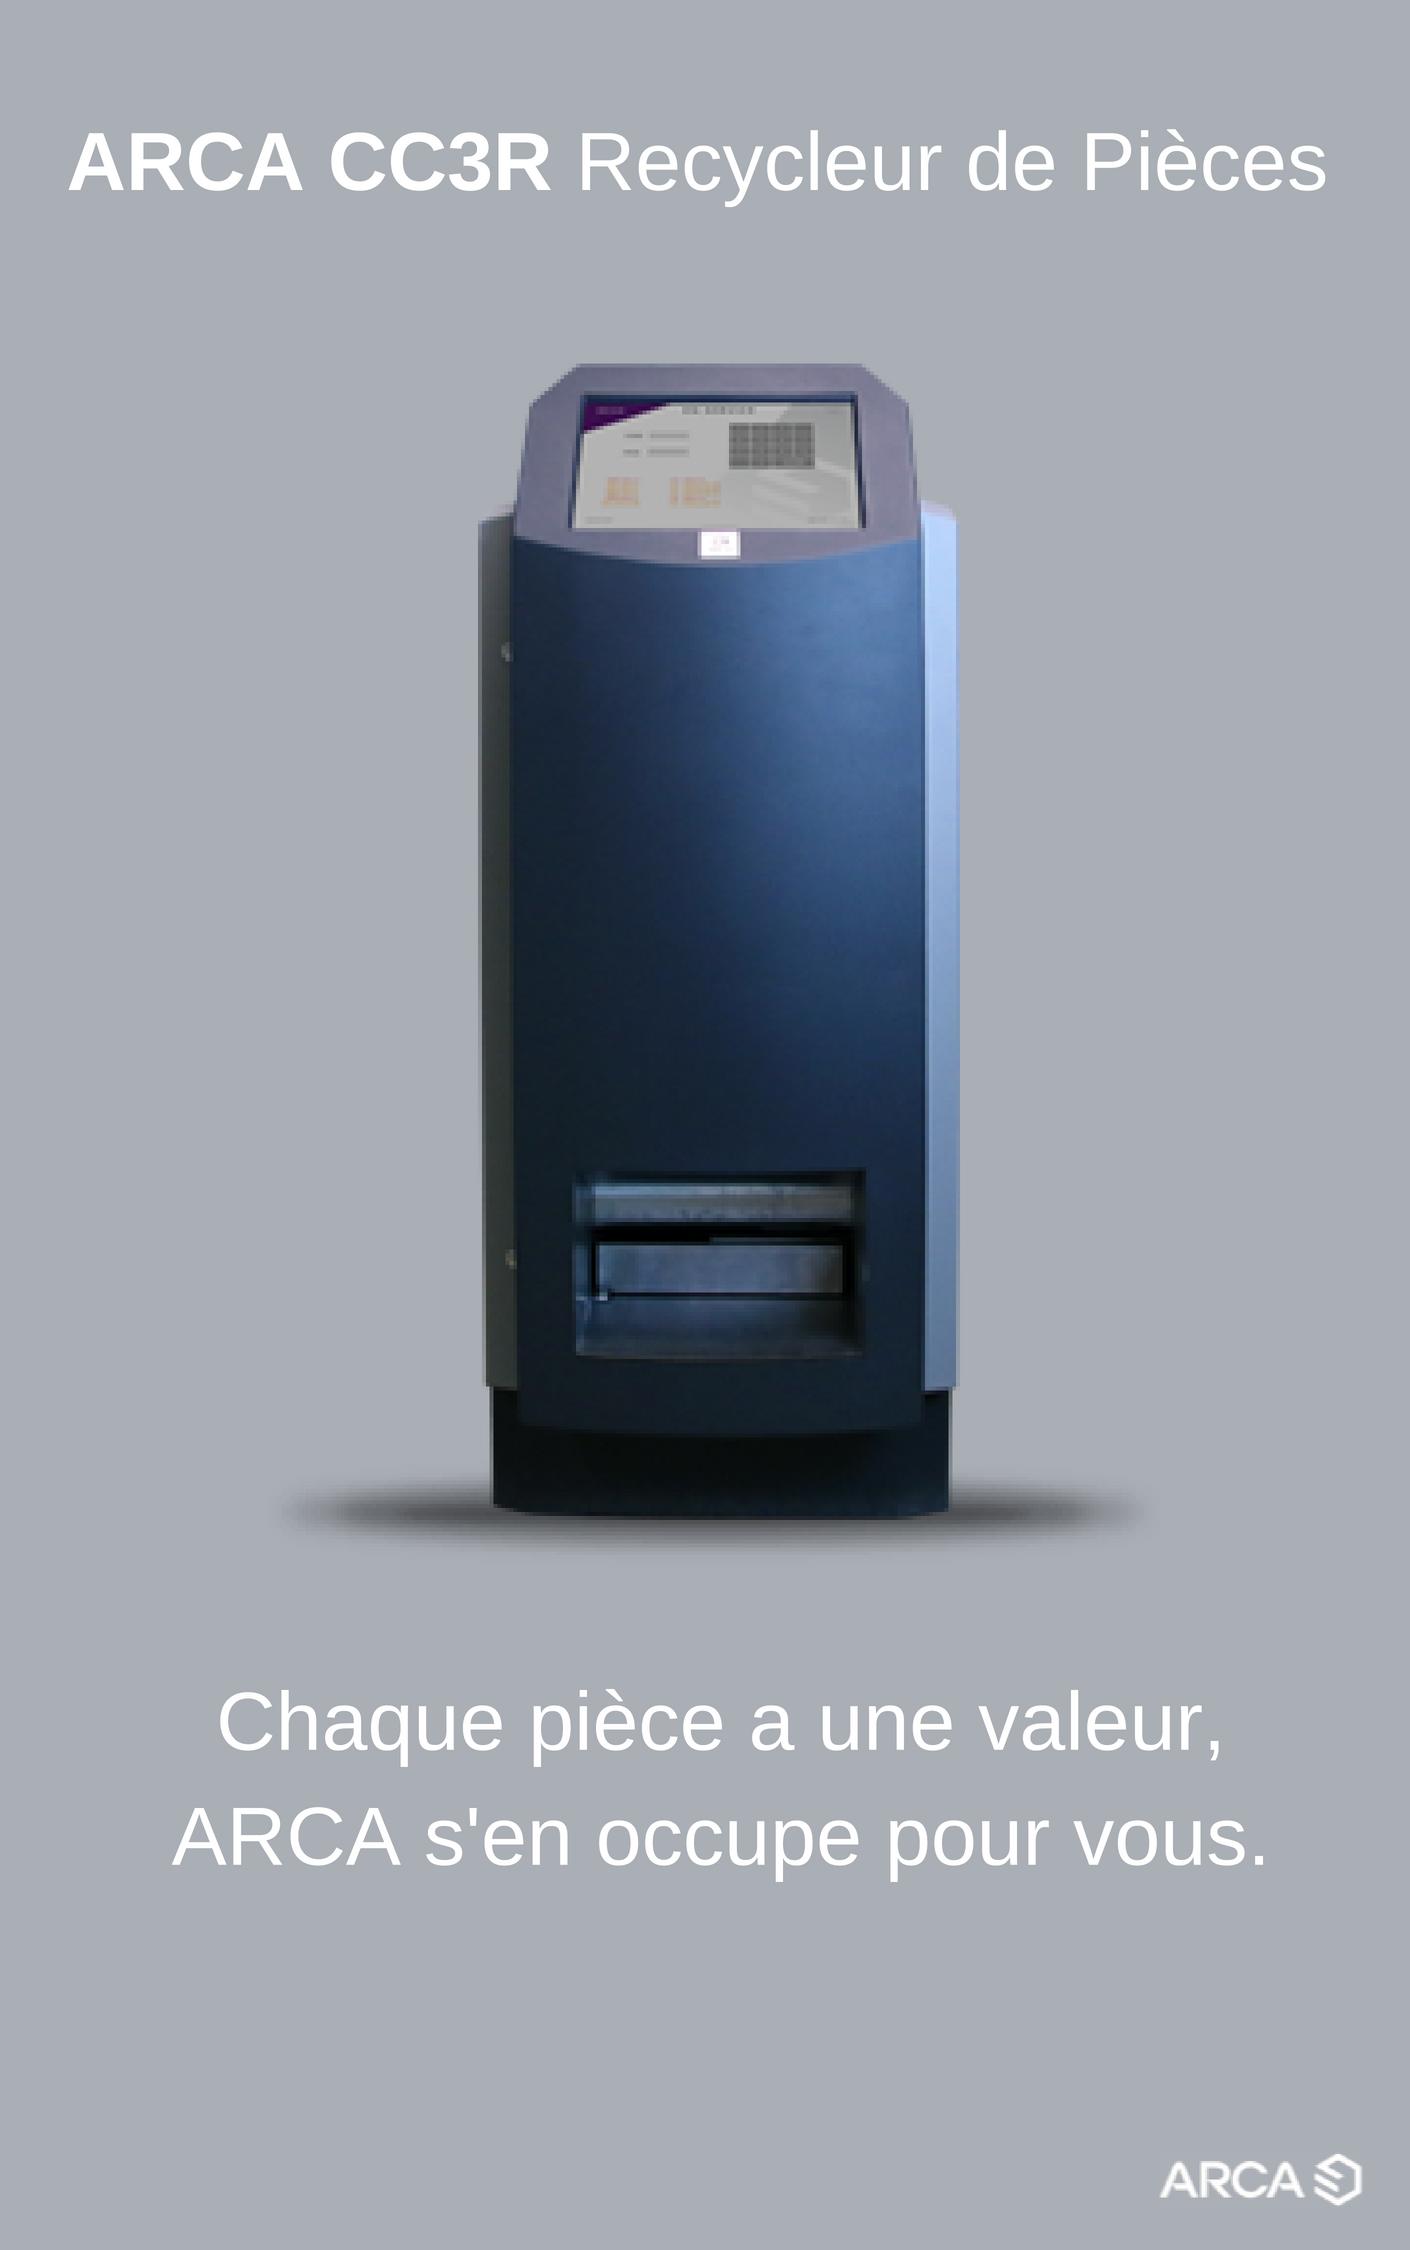 Guide ARCA CC3R Recycleur de Pièces